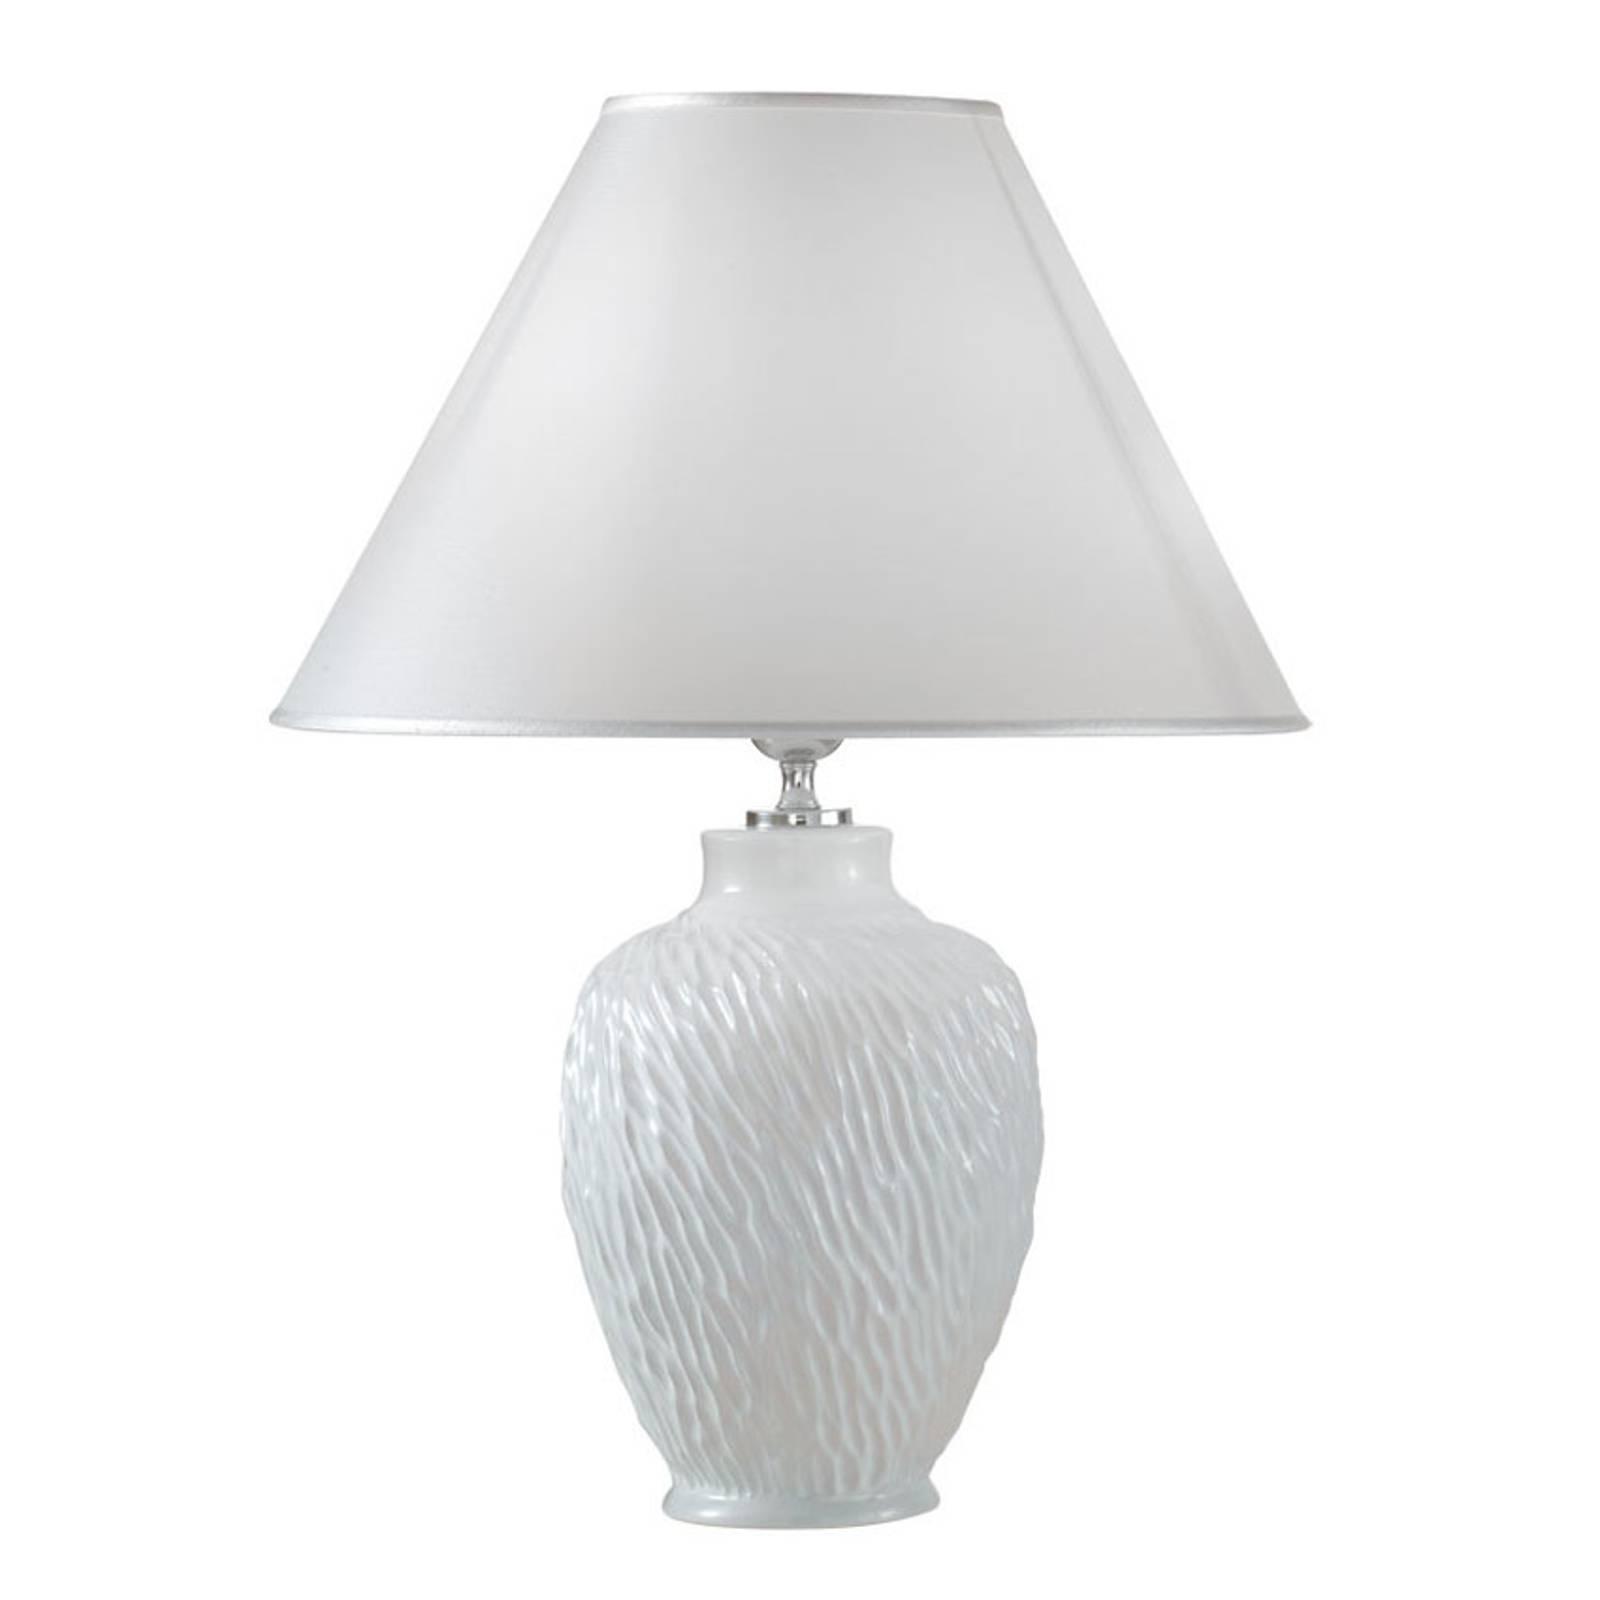 Pöytävalaisin Chiara keramiikkaa, valkoinen Ø30 cm